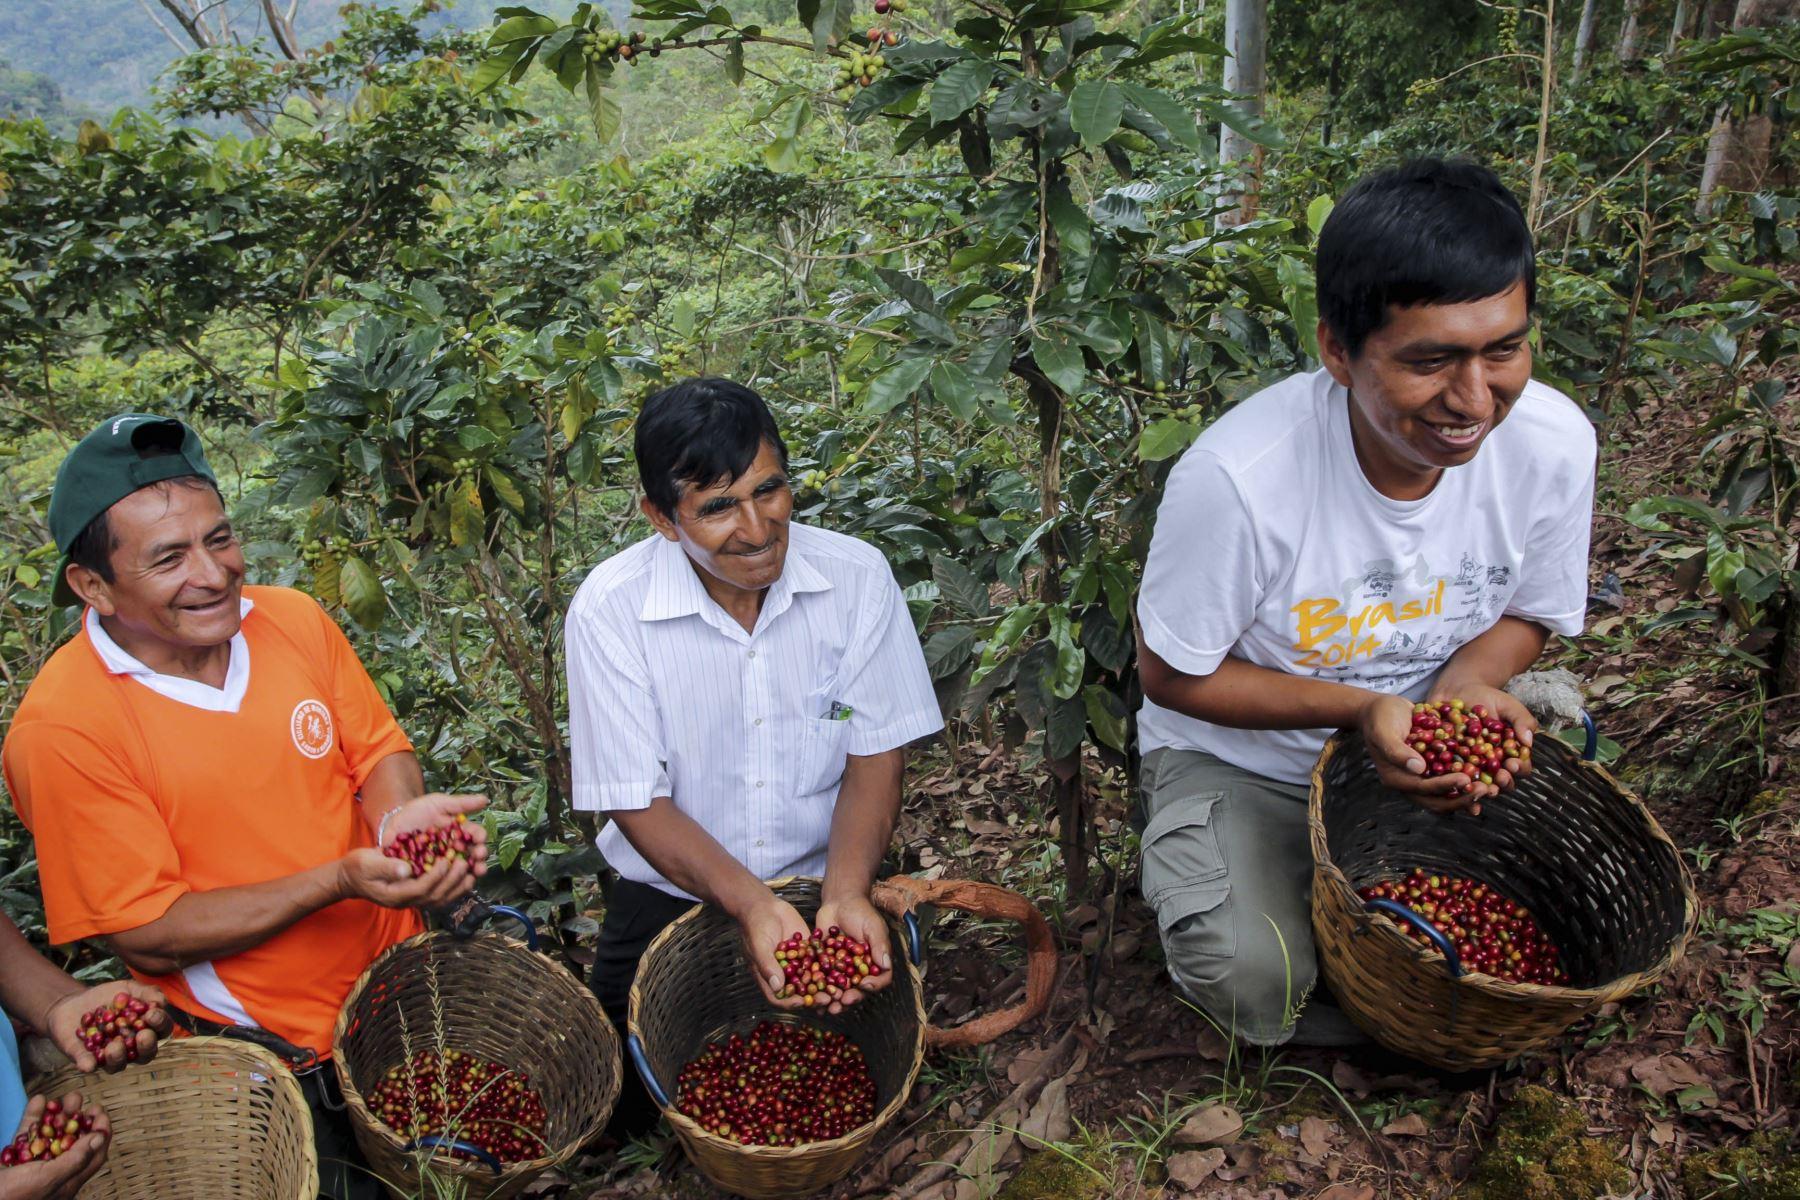 Productores de café.